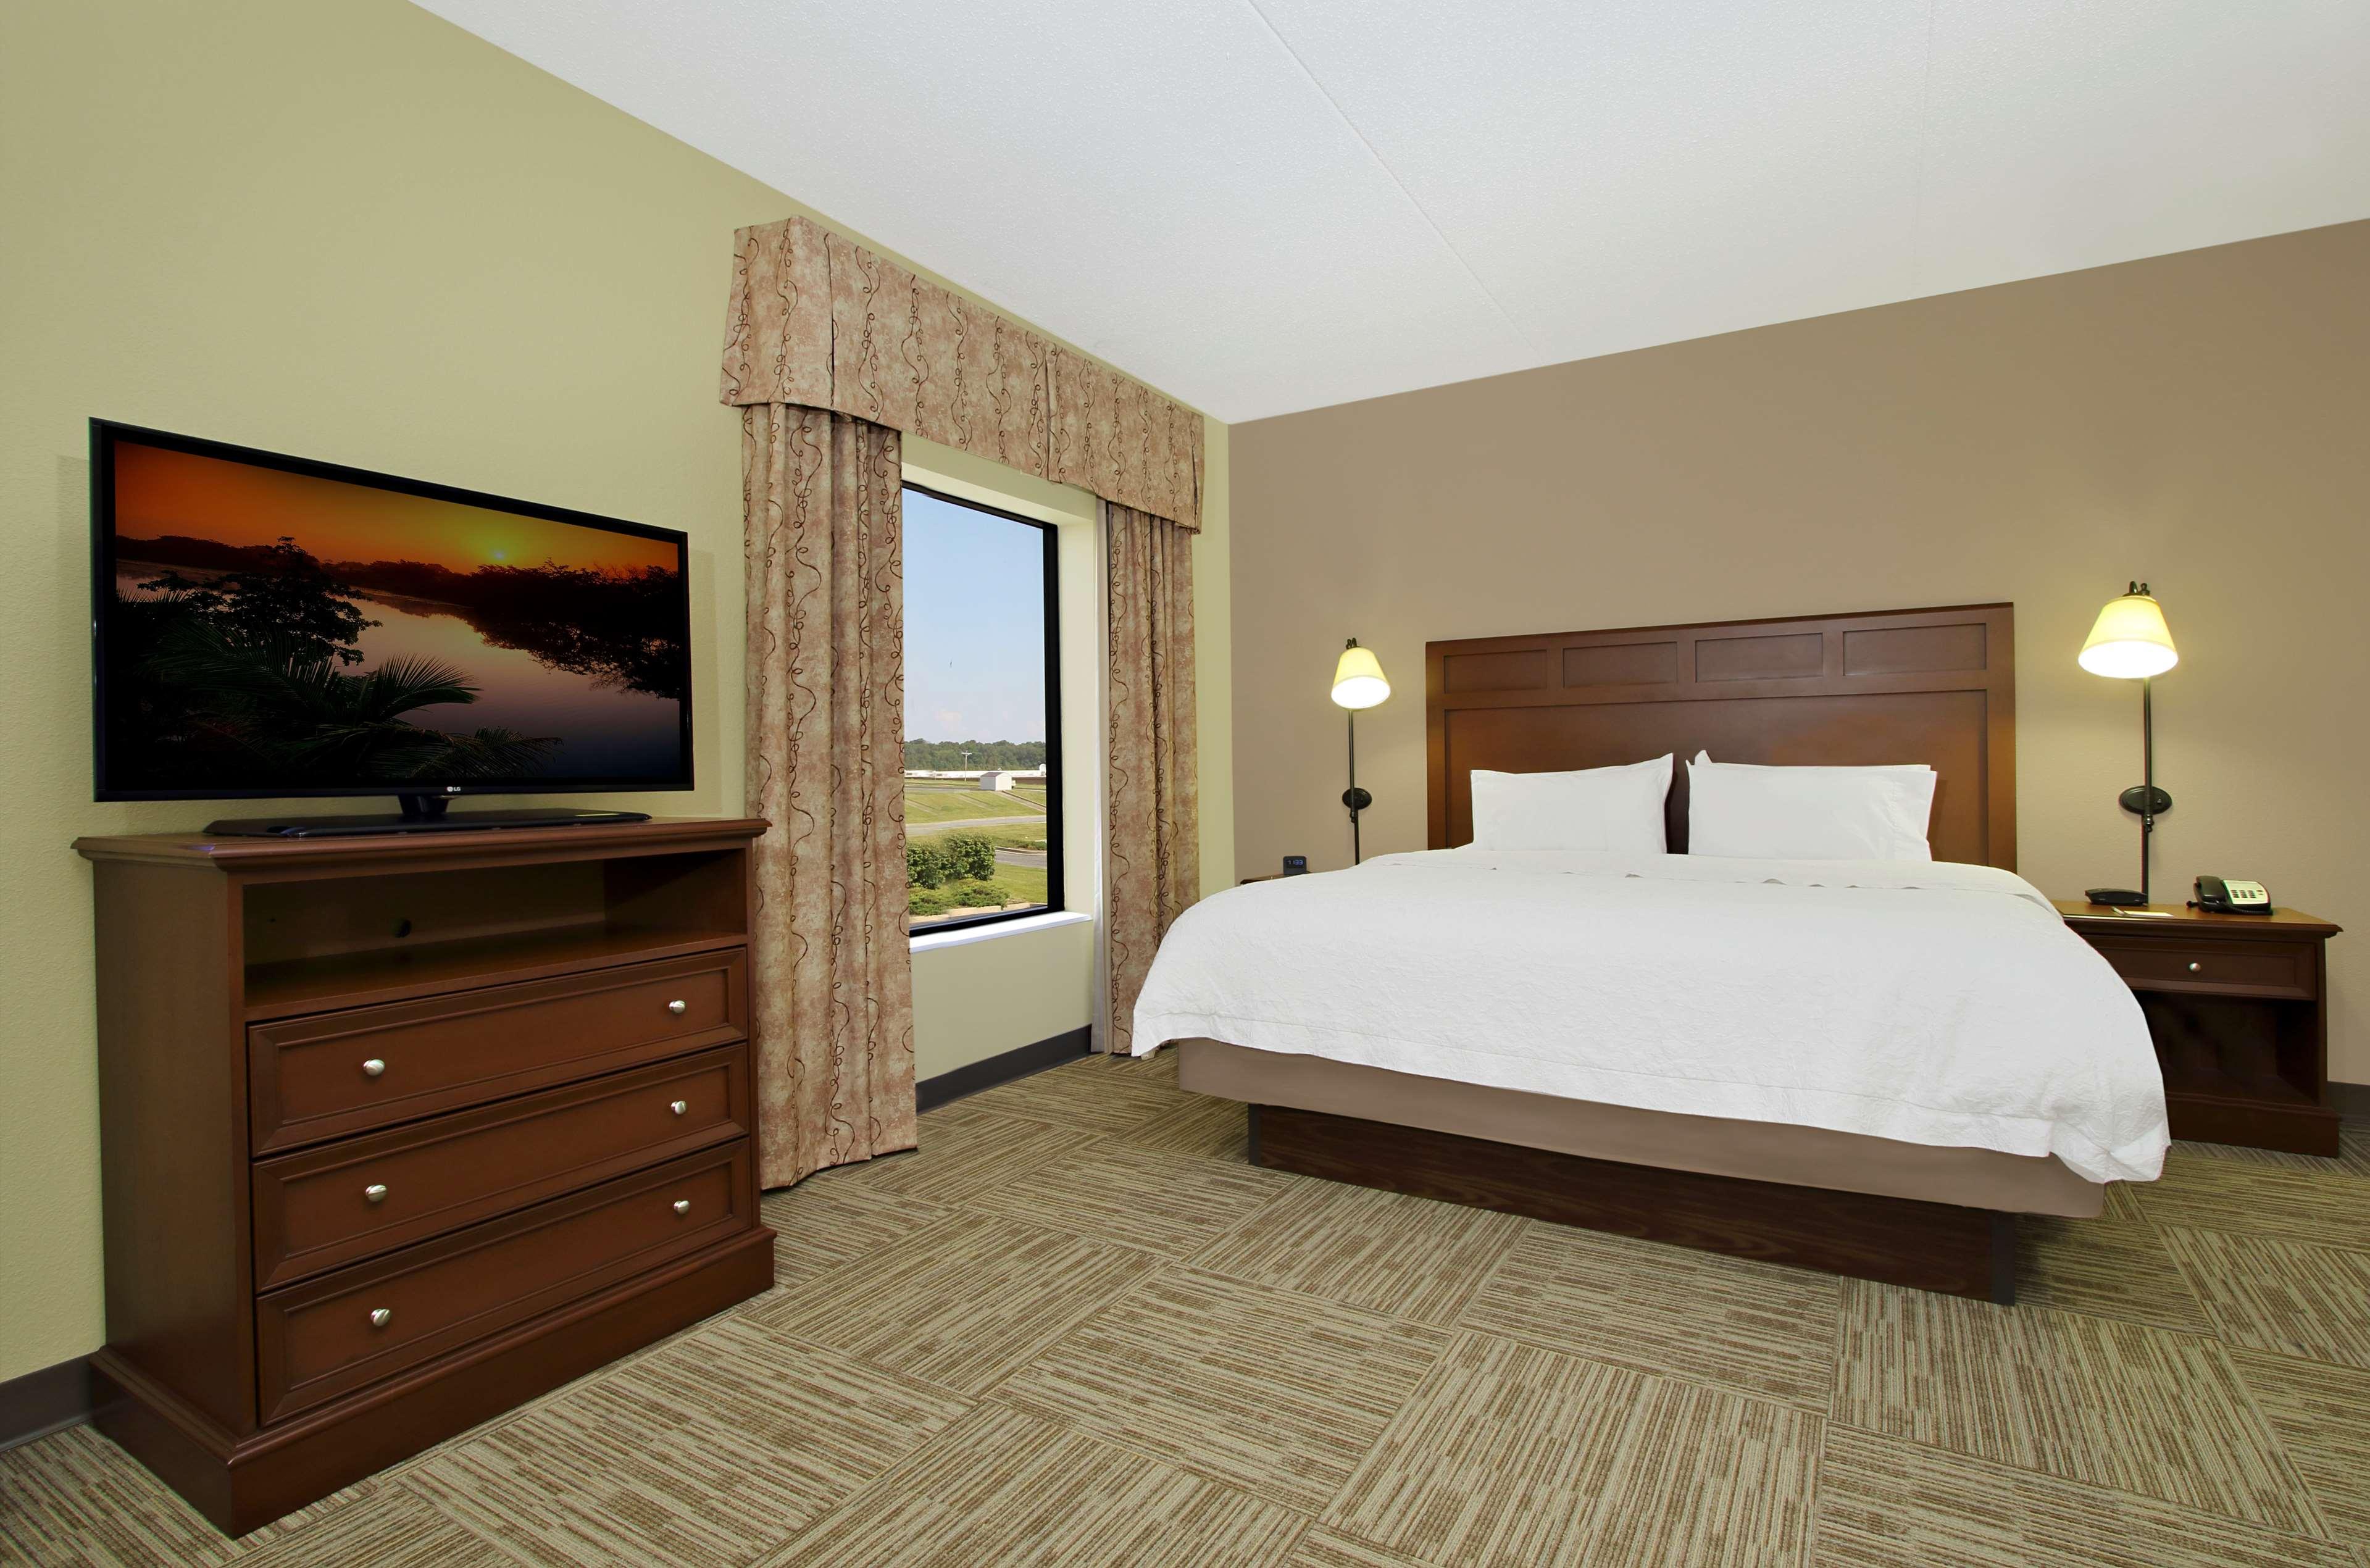 Hampton Inn & Suites Murray image 18